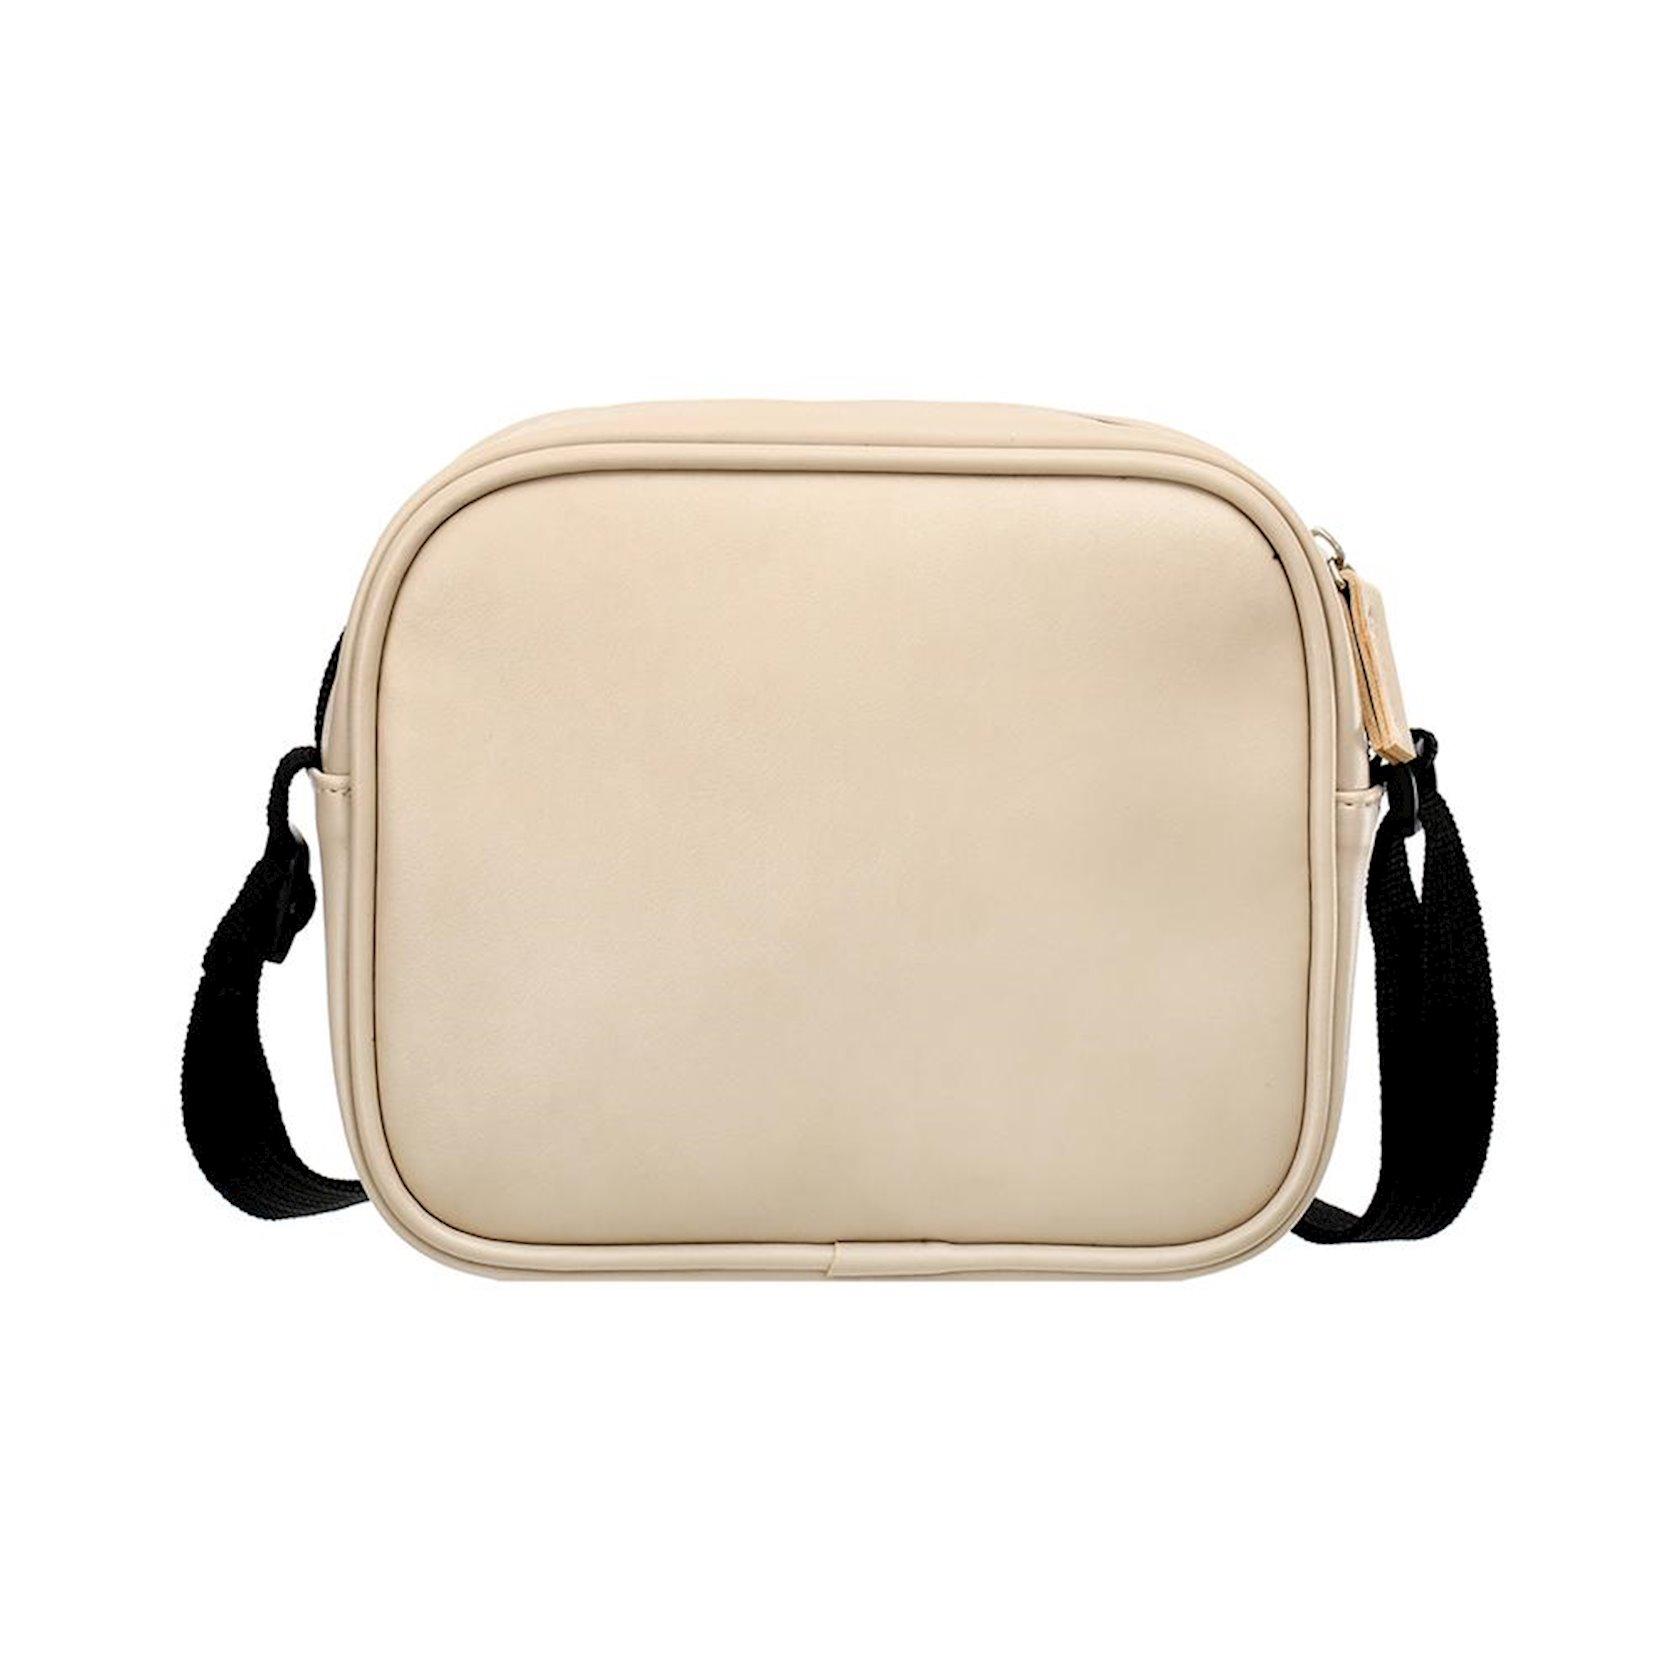 Qadın çantası Miniso Crossbody Bag 178662 Apricot, bej